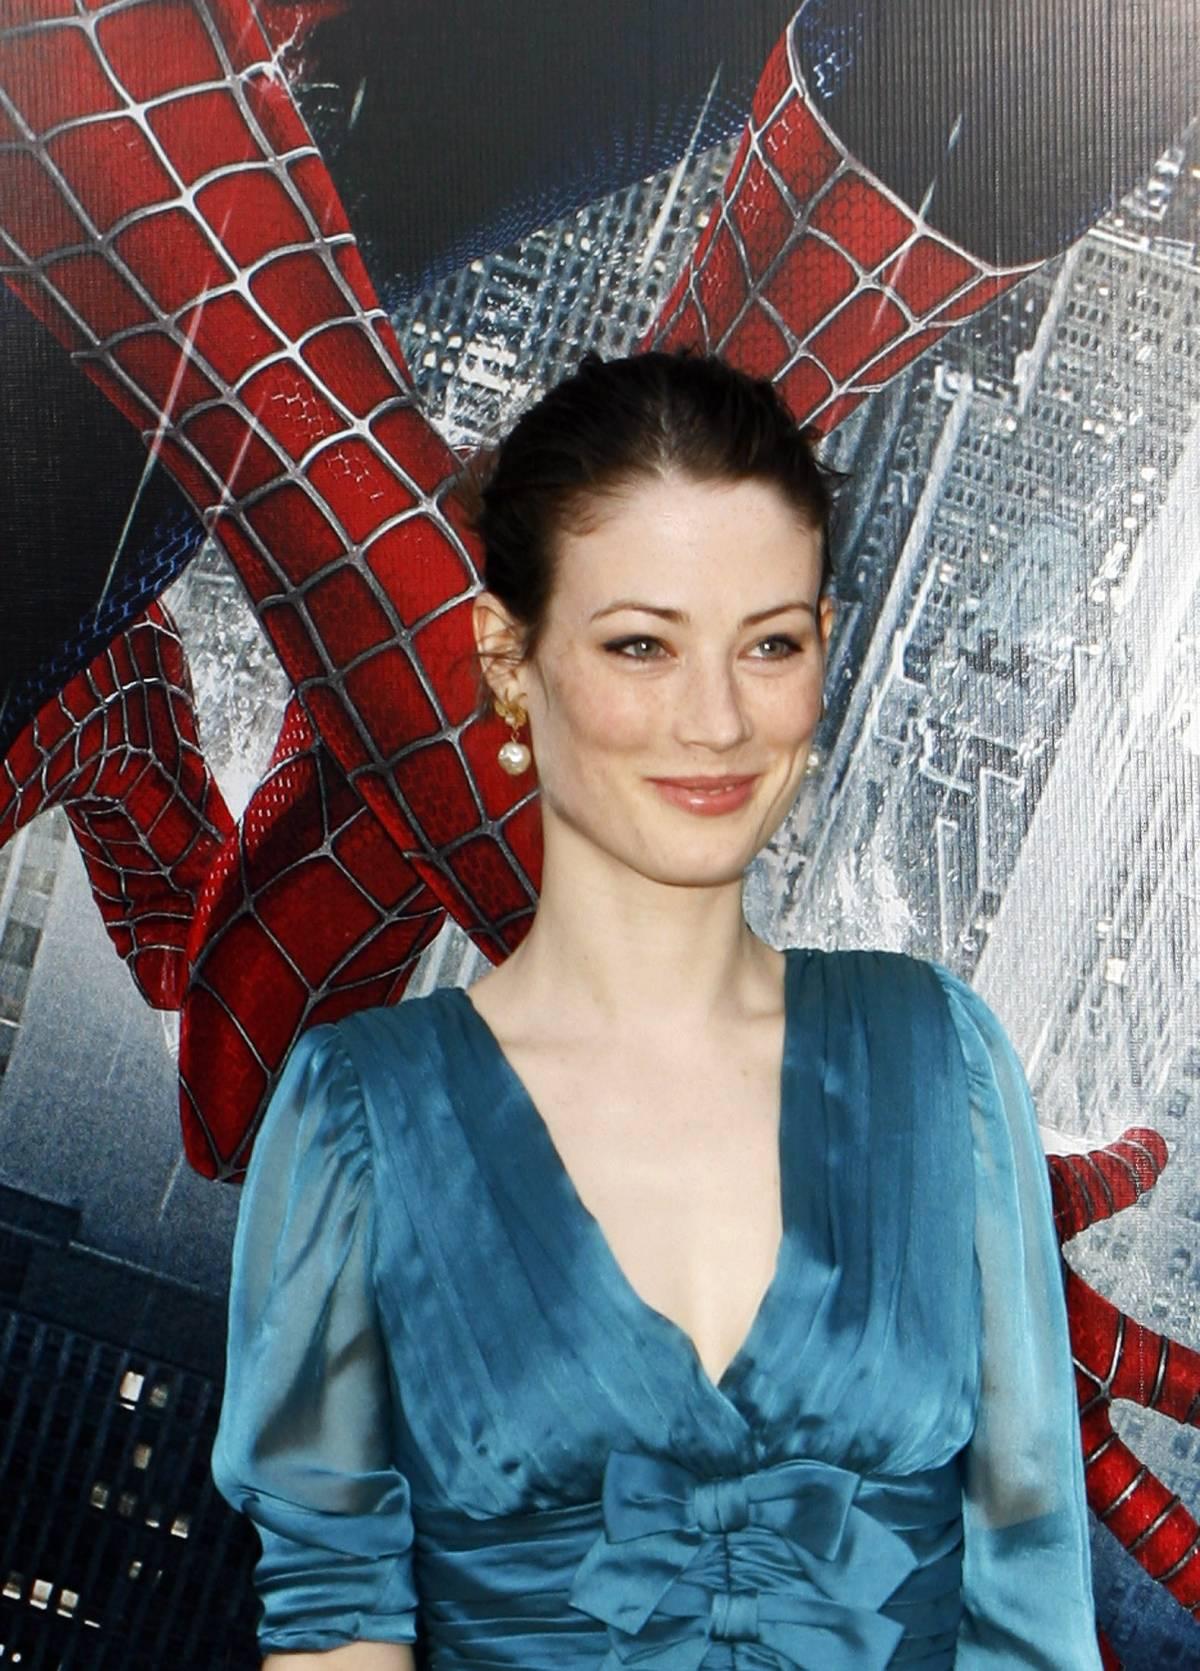 Si impicca Lucy Gordon, l'attrice di Spiderman